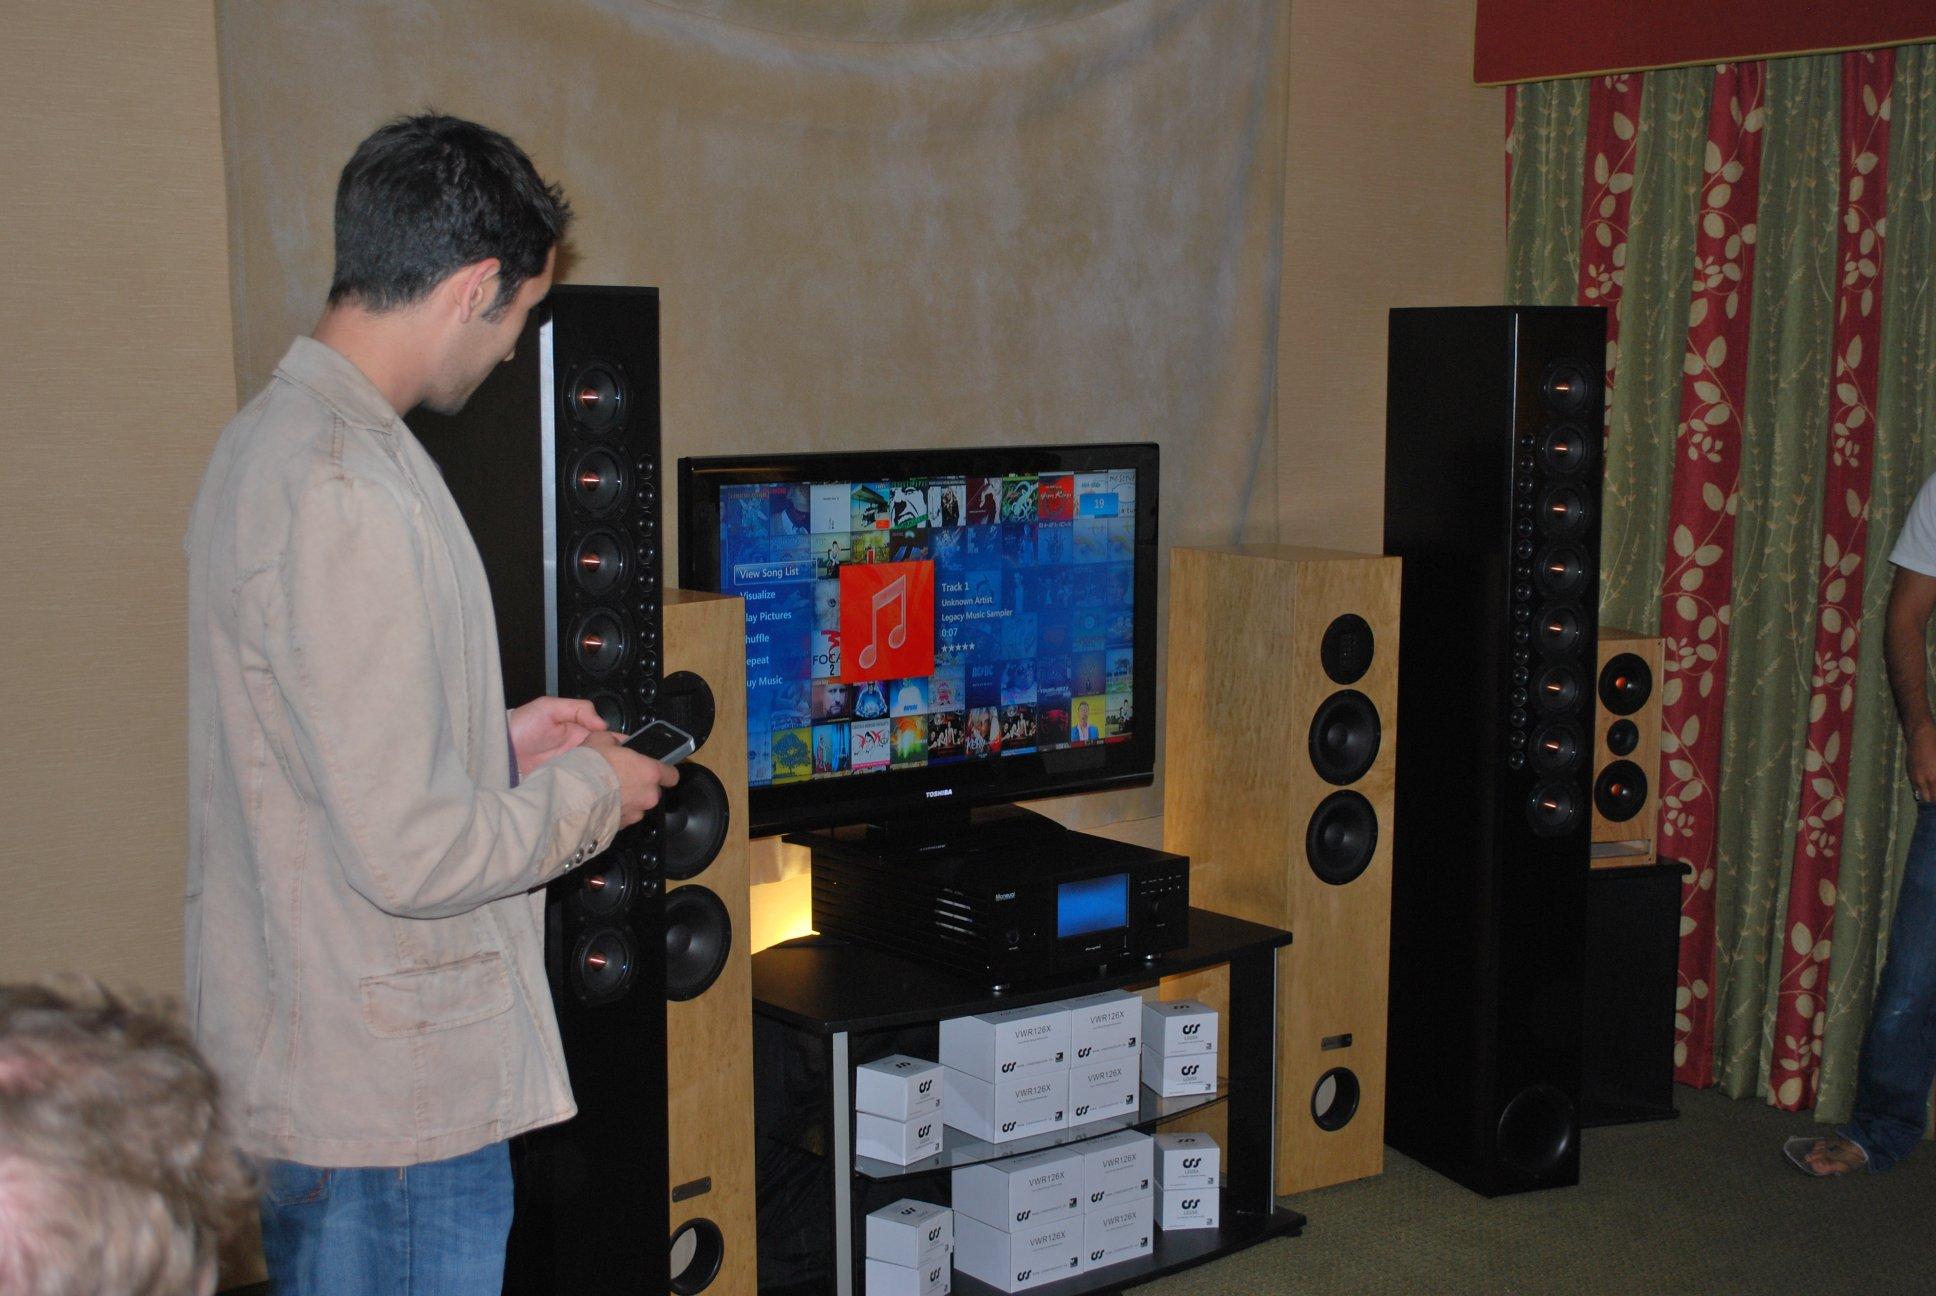 http://lonestaraudiofest.com/2012/Photos/DSC_0024.JPG